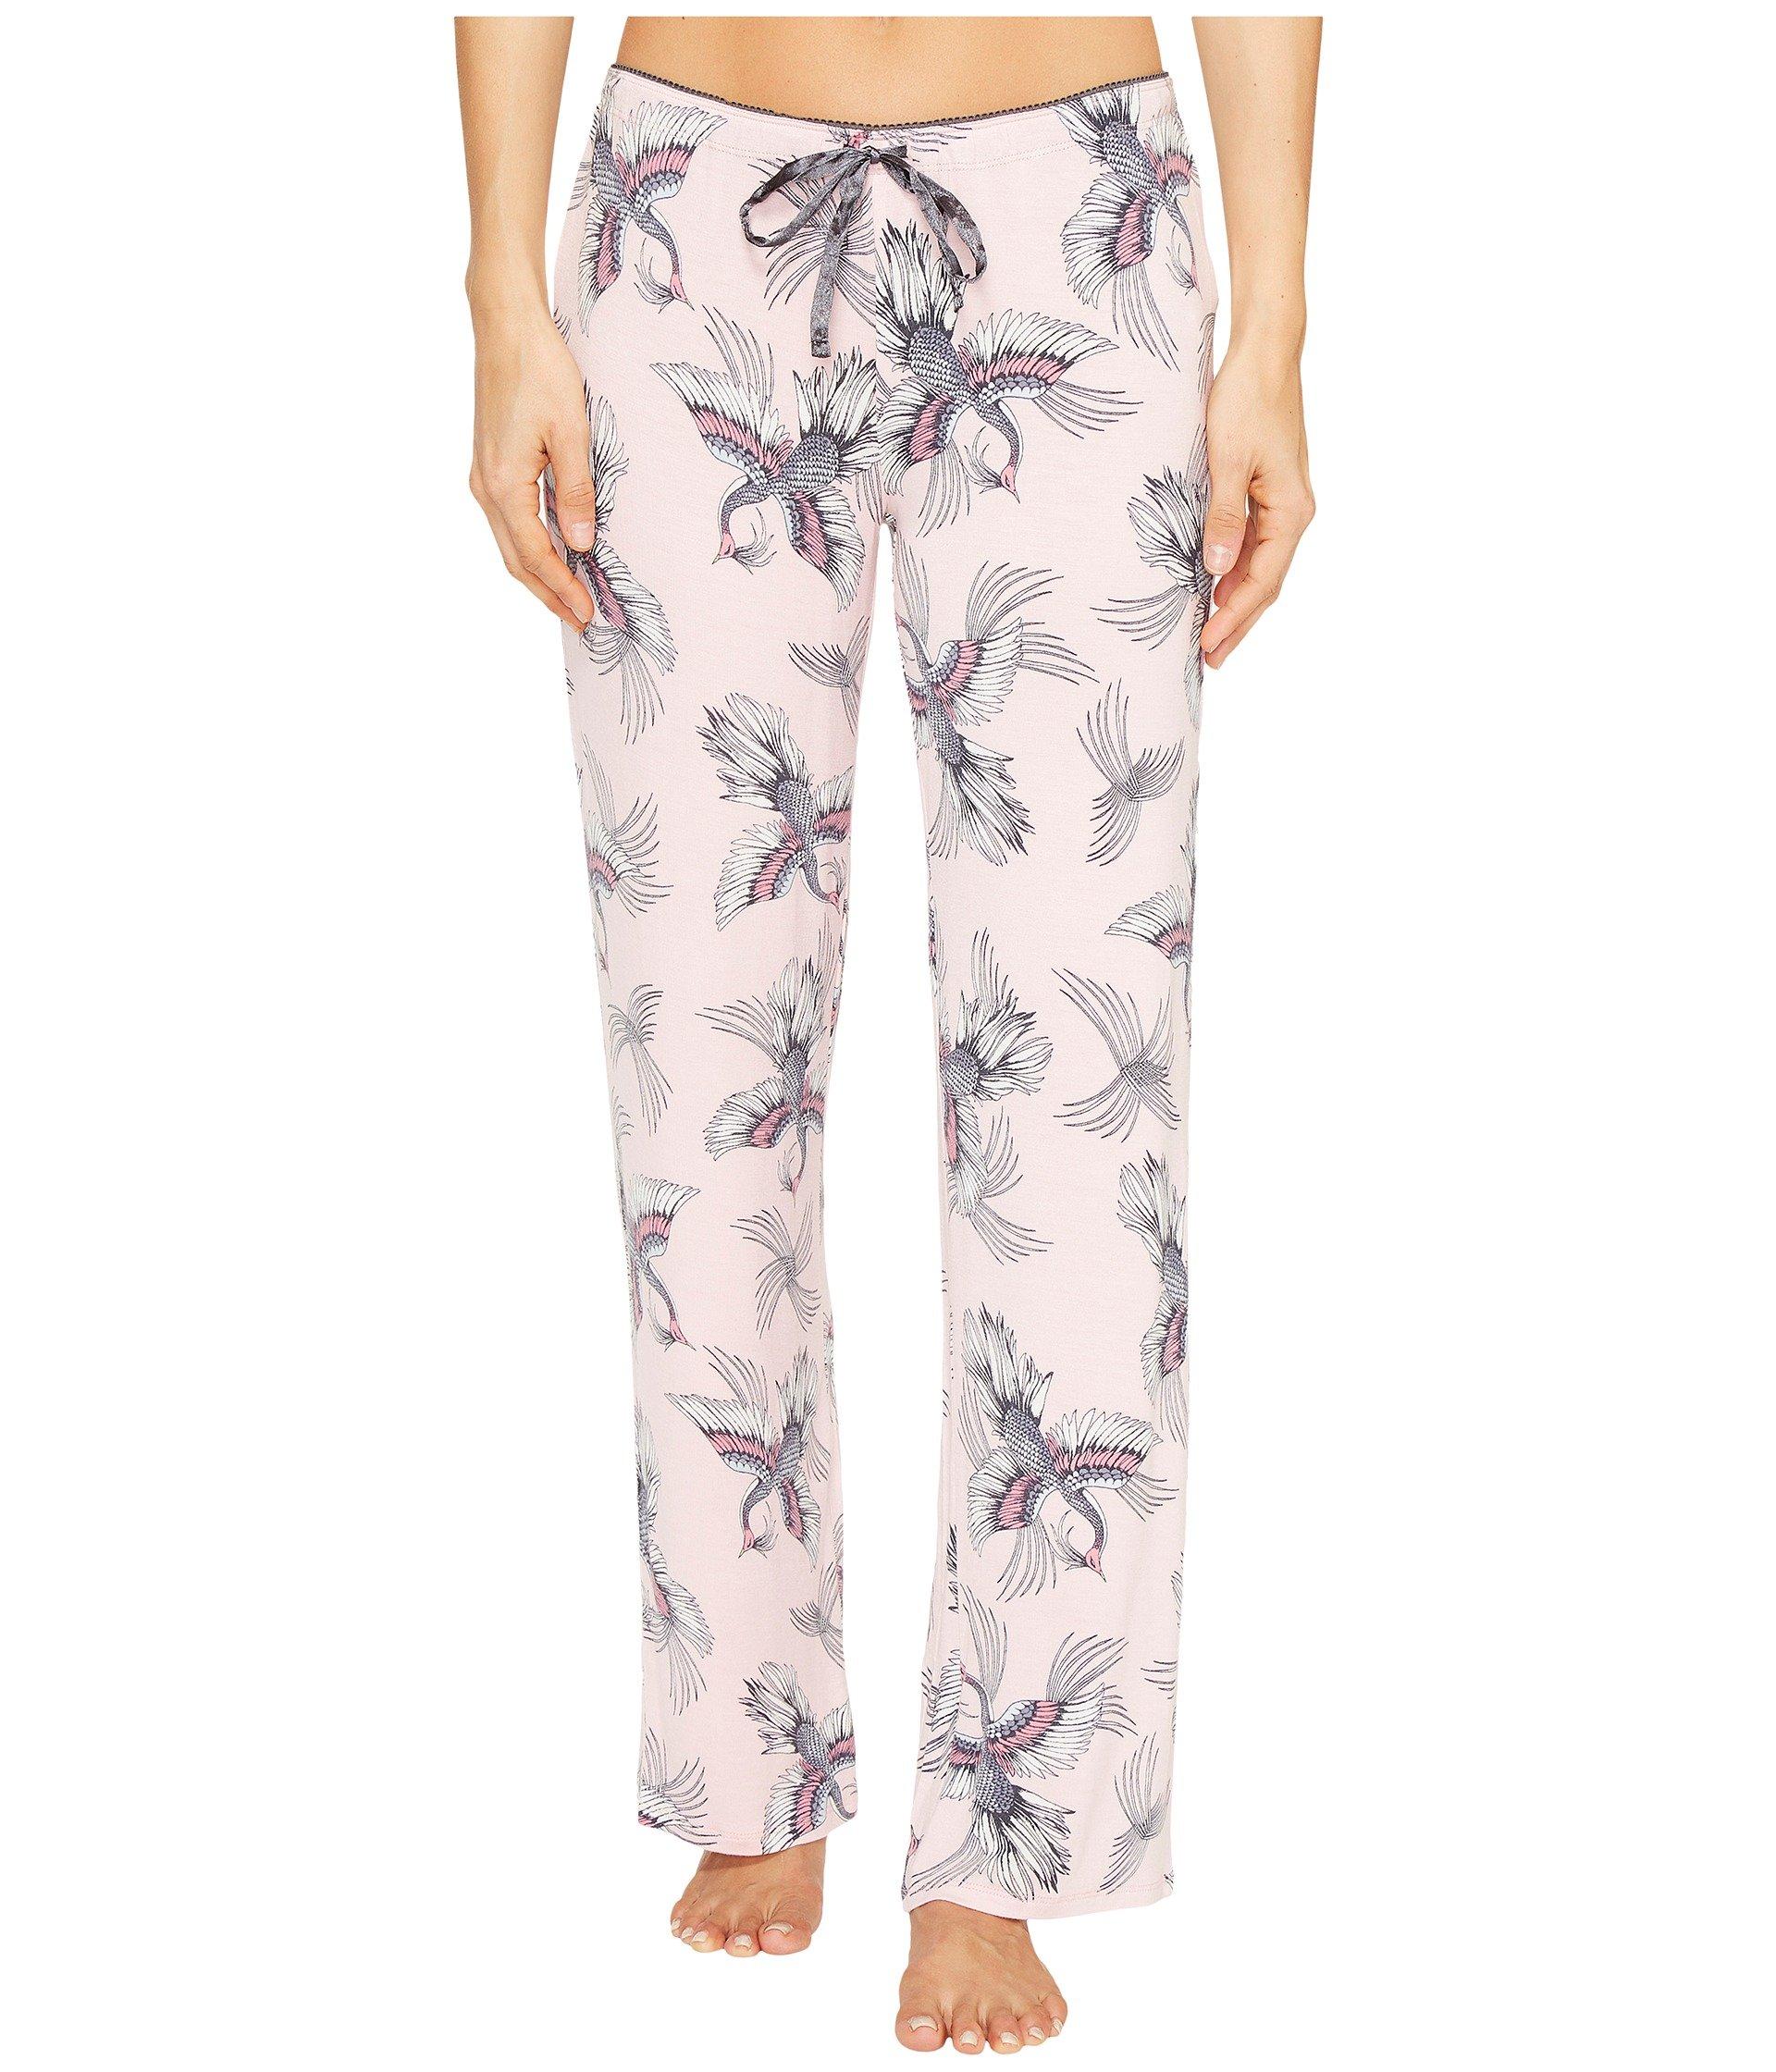 Pantalón de Pijama para Mujer P.J. Salvage Take Flight PJ Pants  + P.J. Salvage en VeoyCompro.net